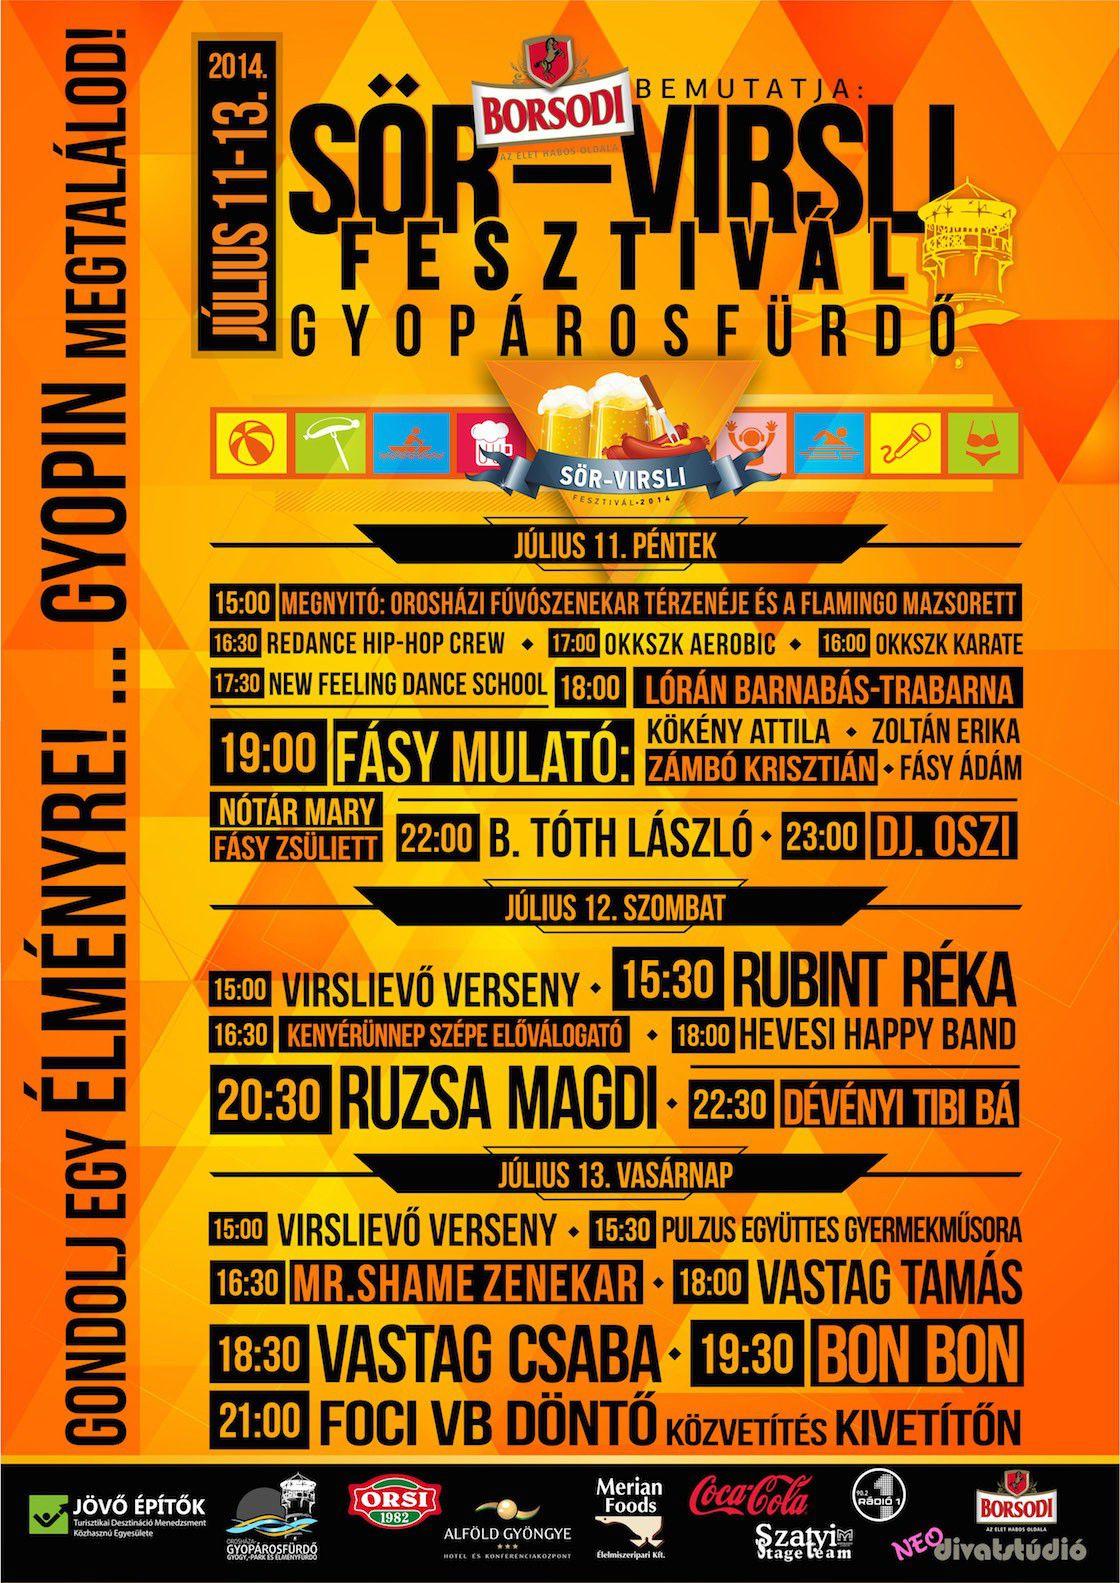 Orosháza-Gyopárosfürdő Sör-Virsli Fesztivál 2014 július 11-13.